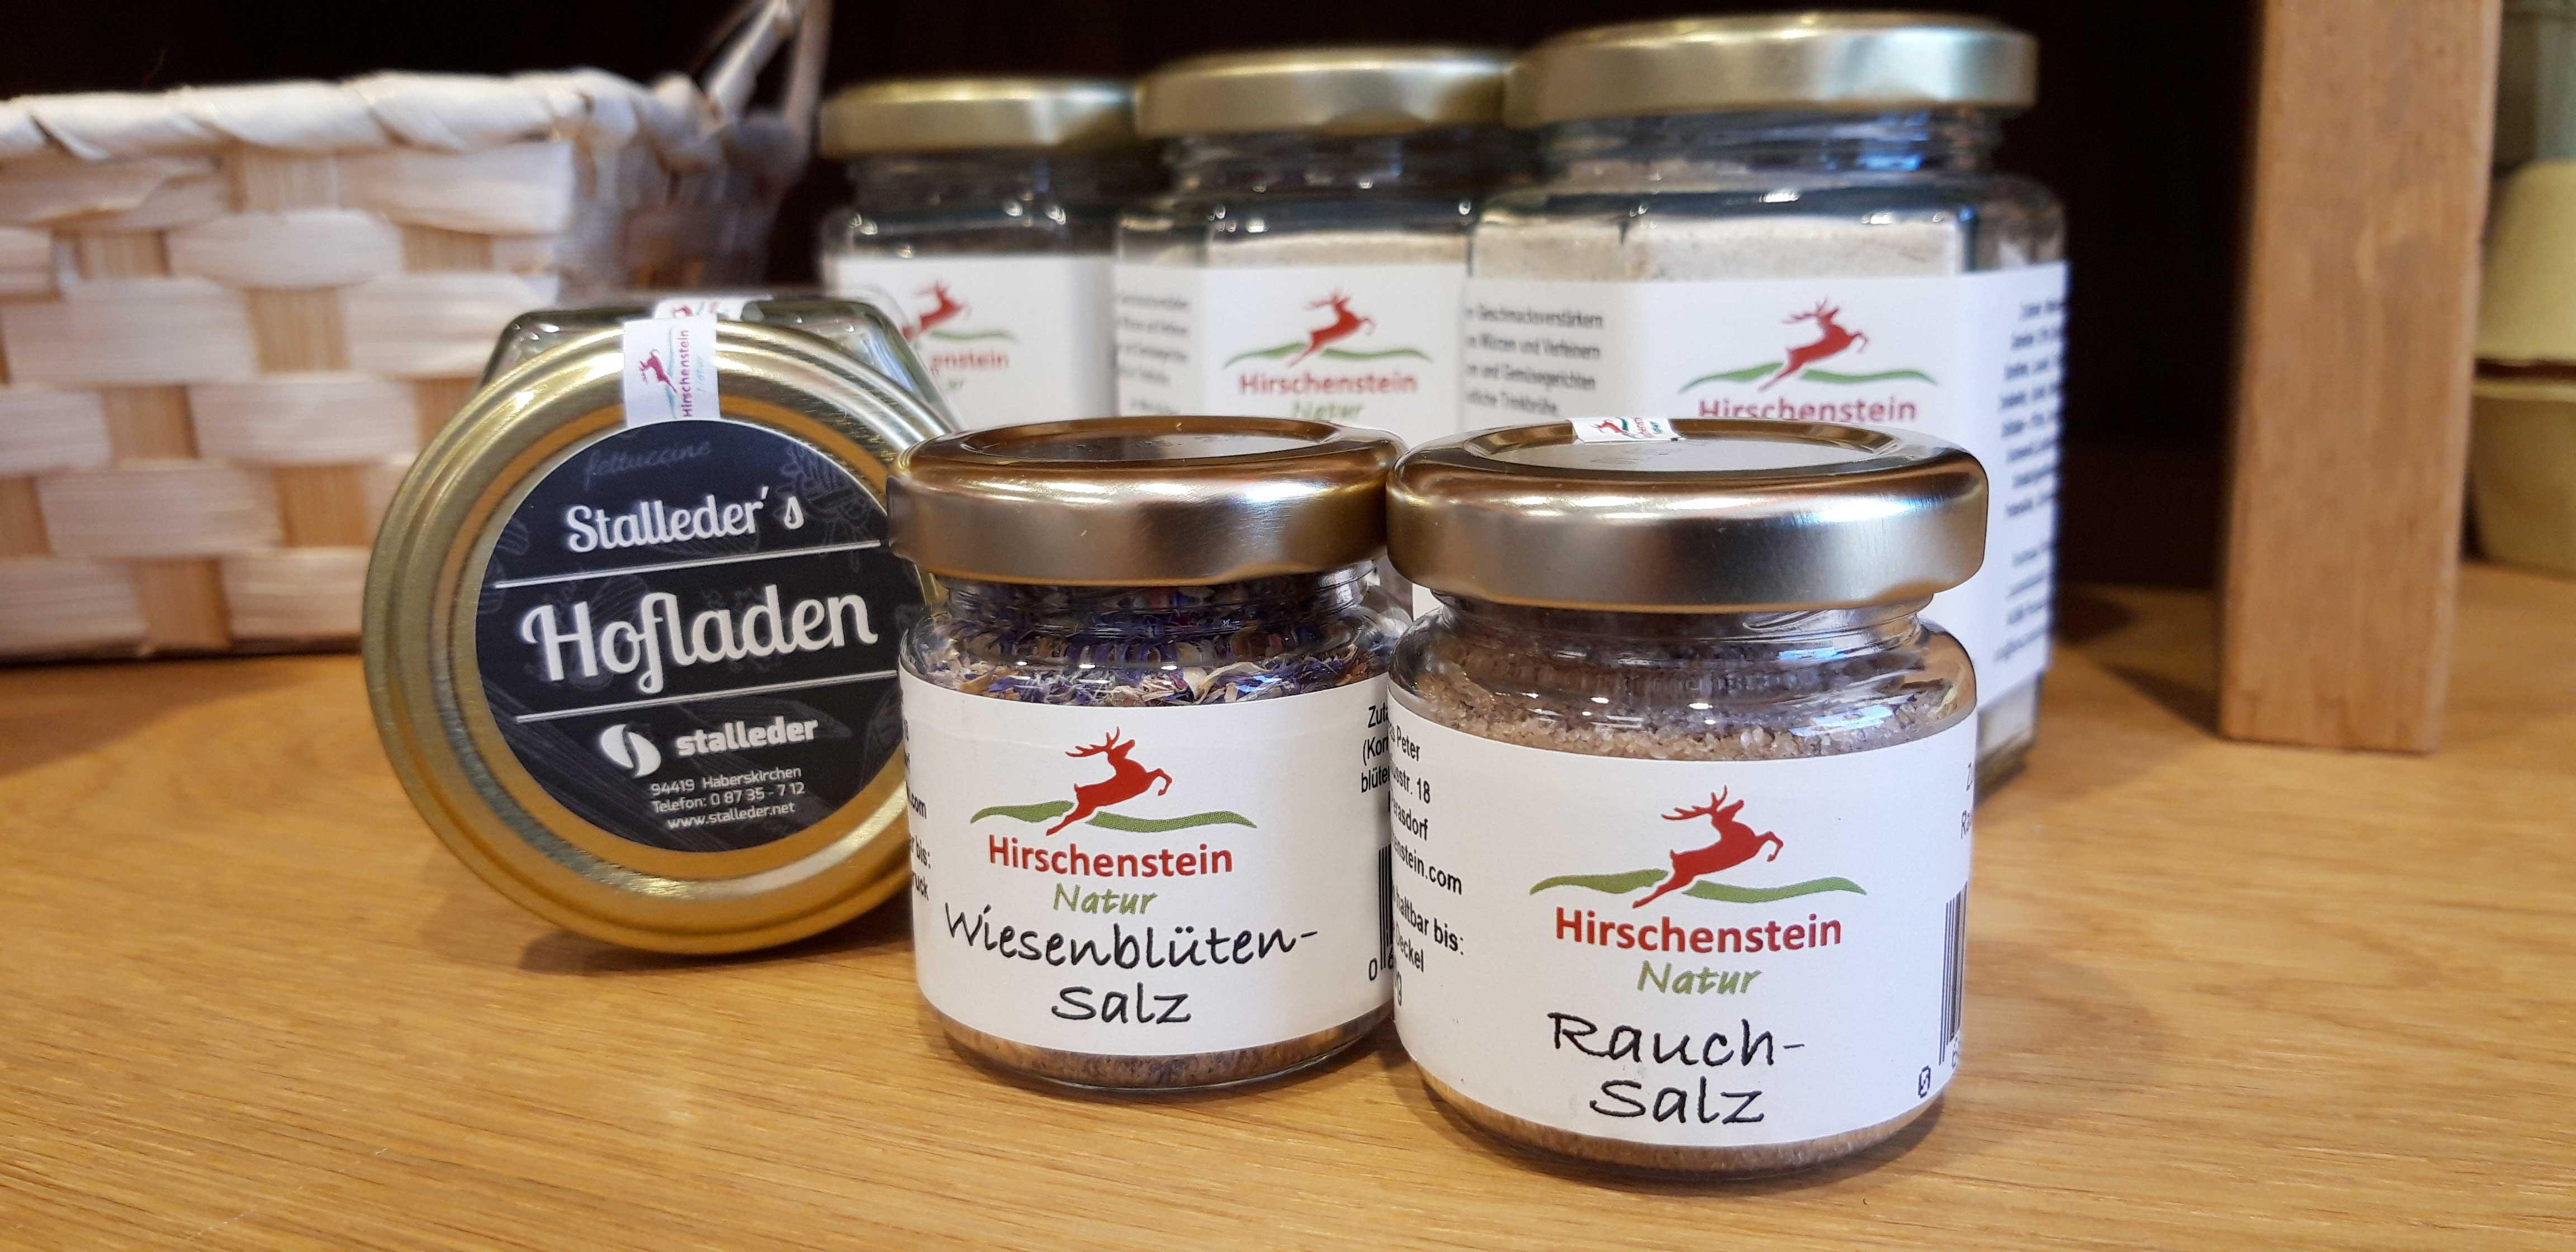 Hirschenstein-Natur Salze im Hofladen